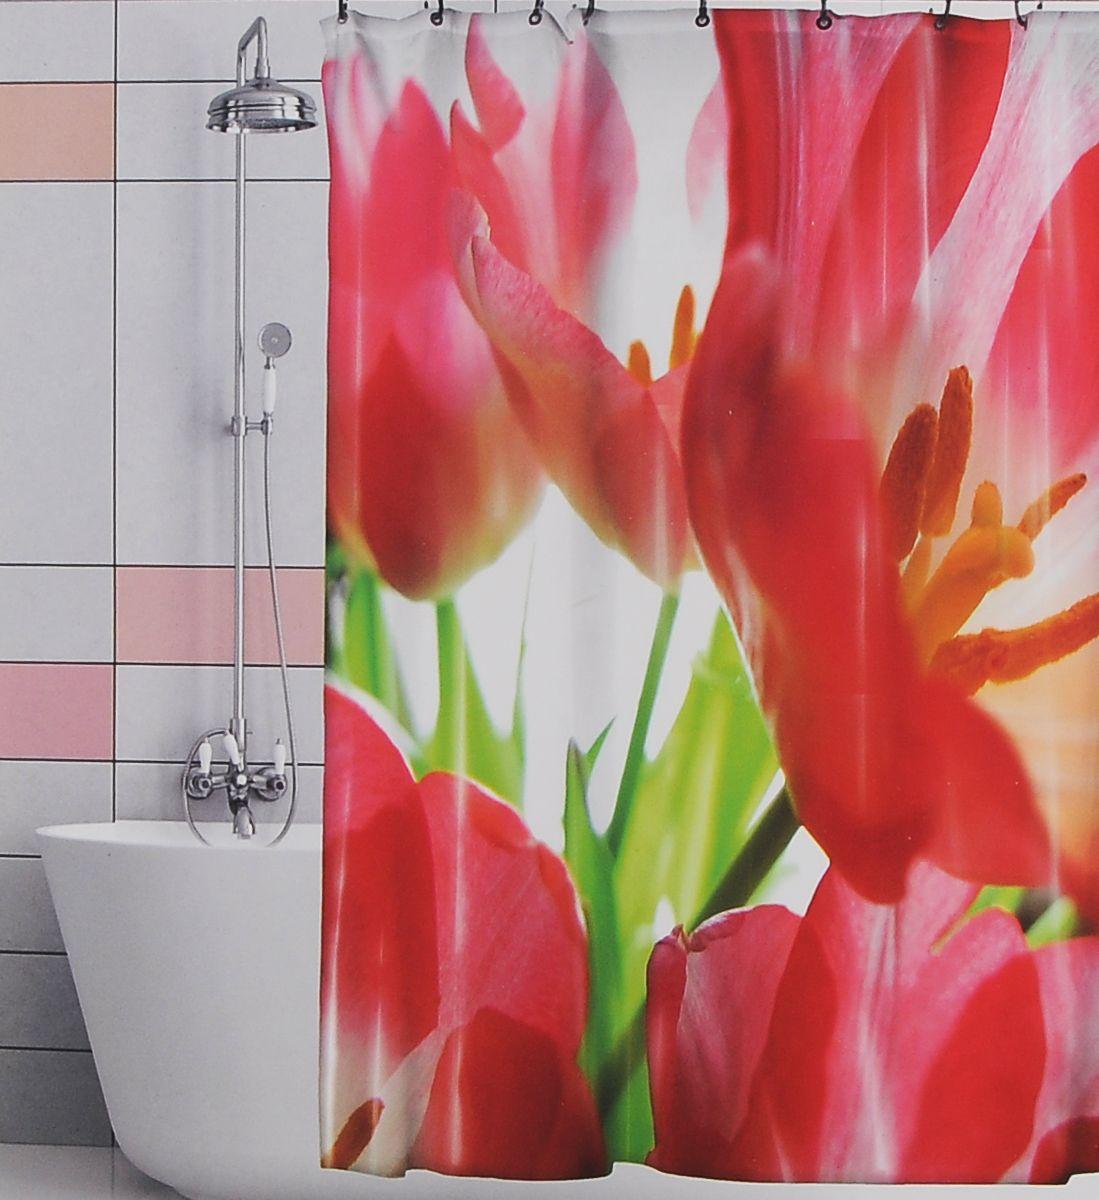 Штора для ванной Valiant VAL RT, белый, красный искусственные растения valiant муляж лук с перцем в связке желтый 60см шт